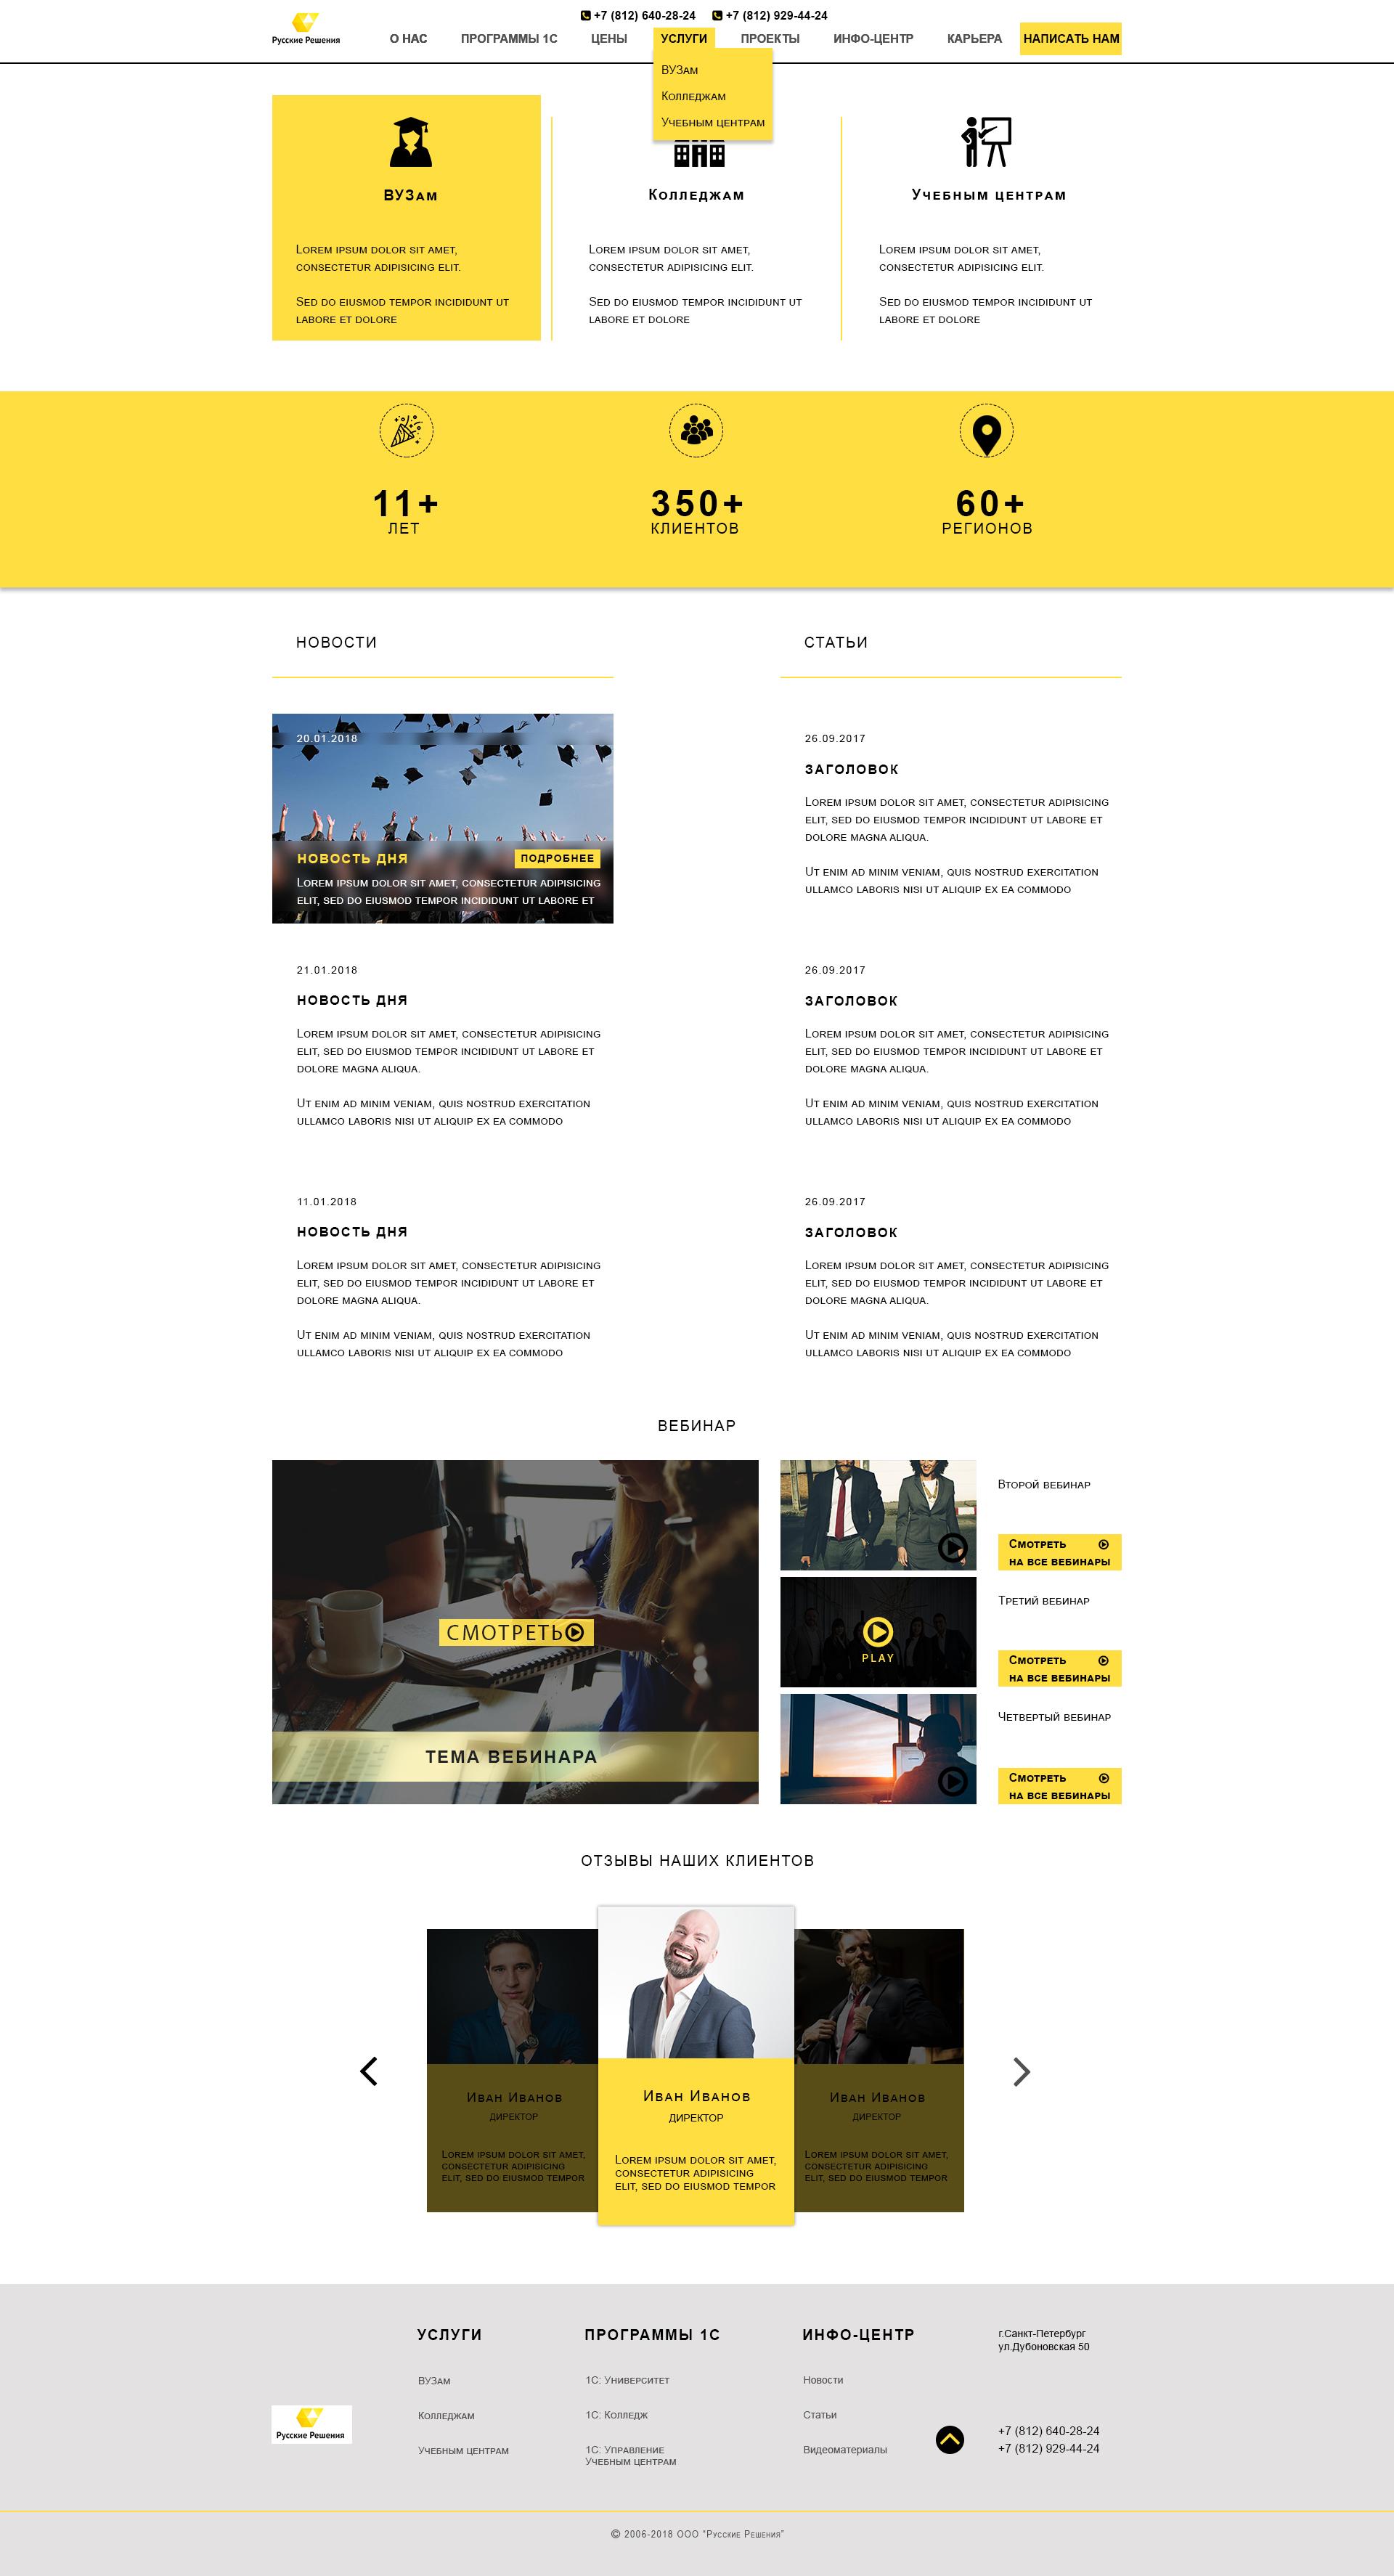 Дизайн главной страницы сайта фото f_4645a5b6f54171b1.jpg